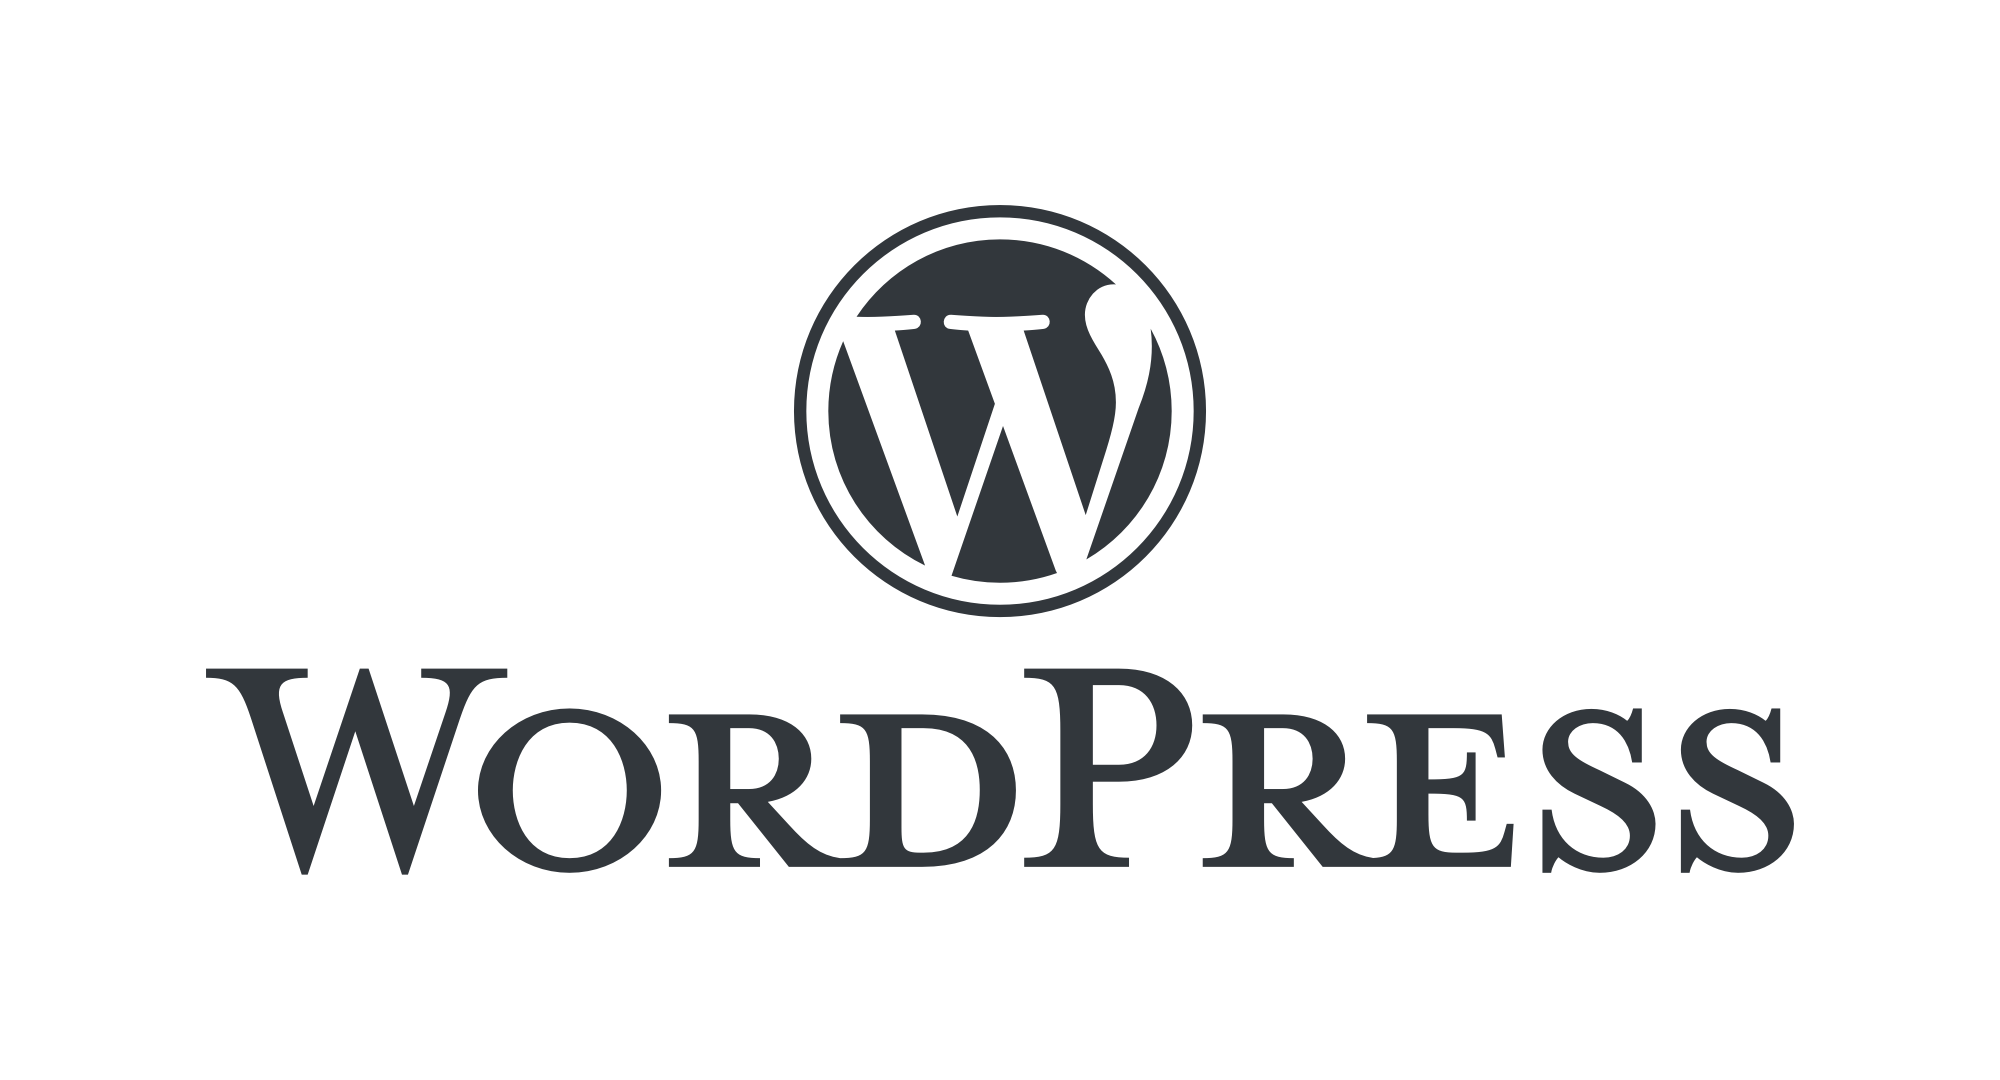 GoogleDocsに書いた文章をWordPressに投稿できるらしい。